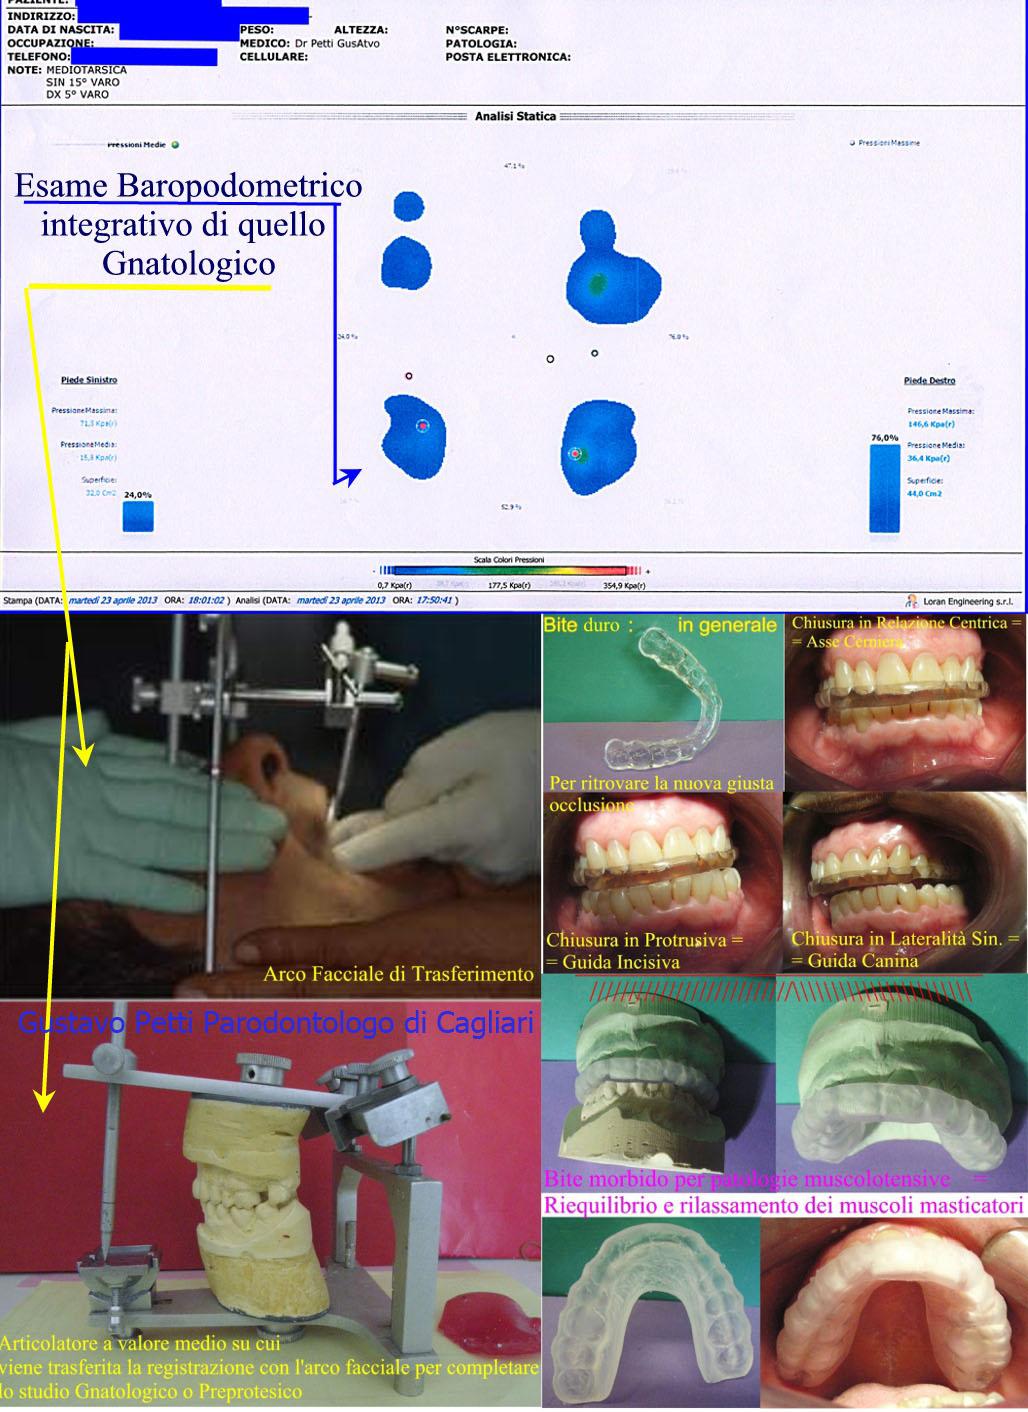 gnatologia-dr-g.petti-cagliari-34.jpg